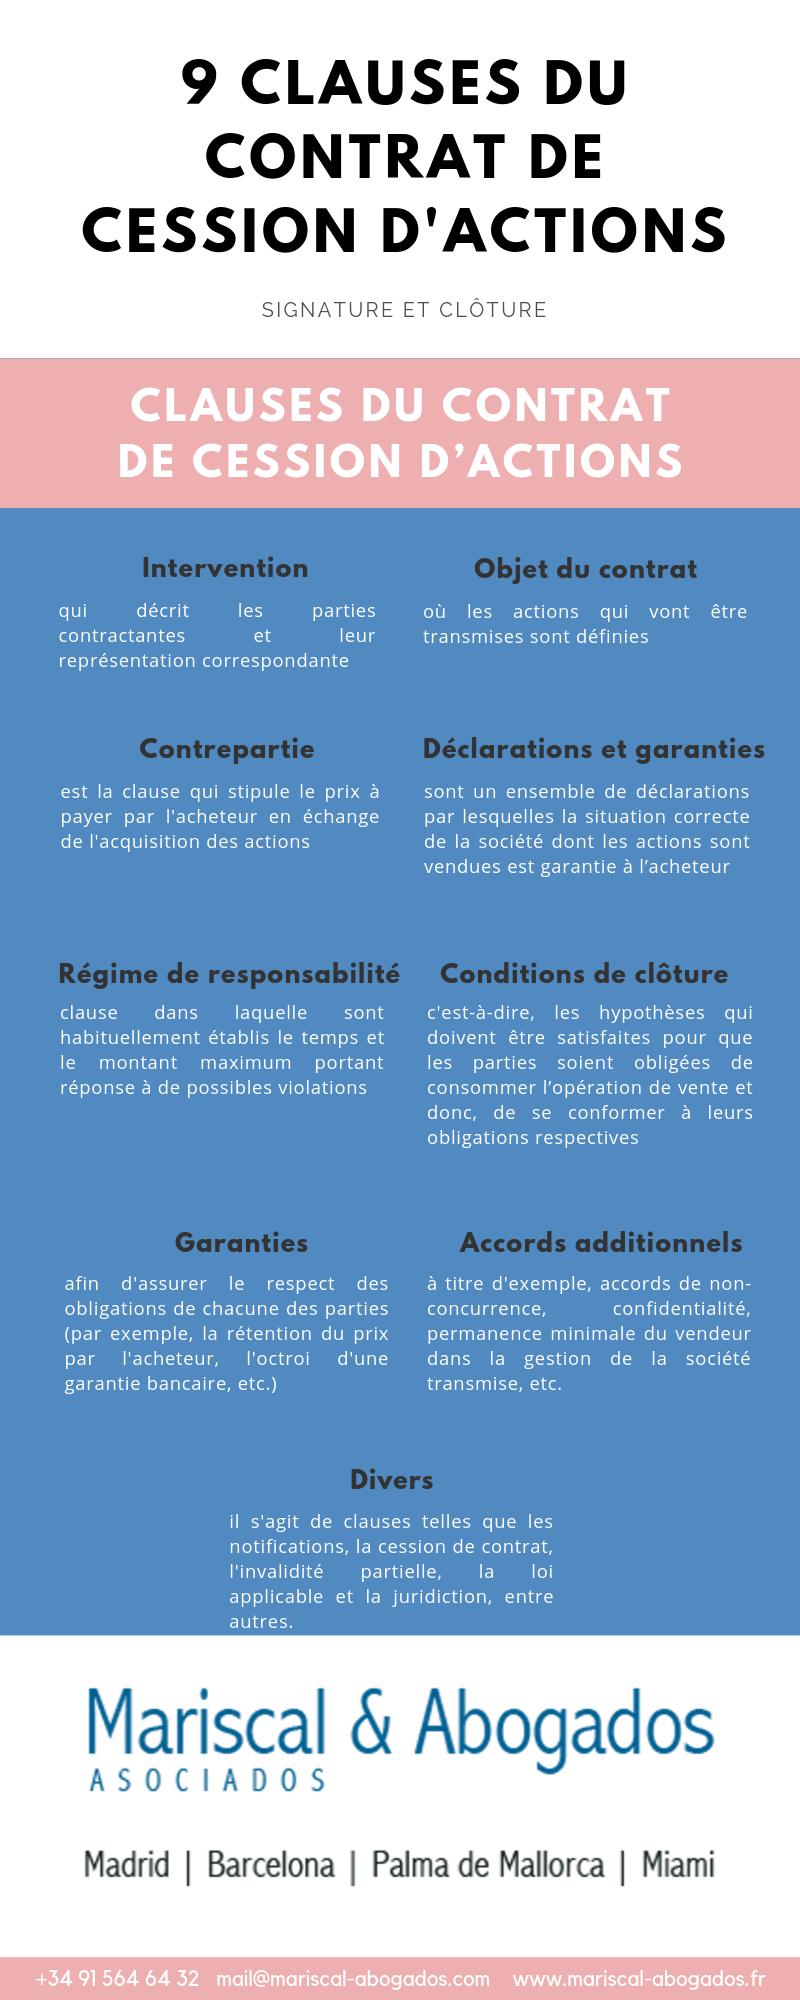 09 2018 Le contrat de cession d'actions _ signature et clôture